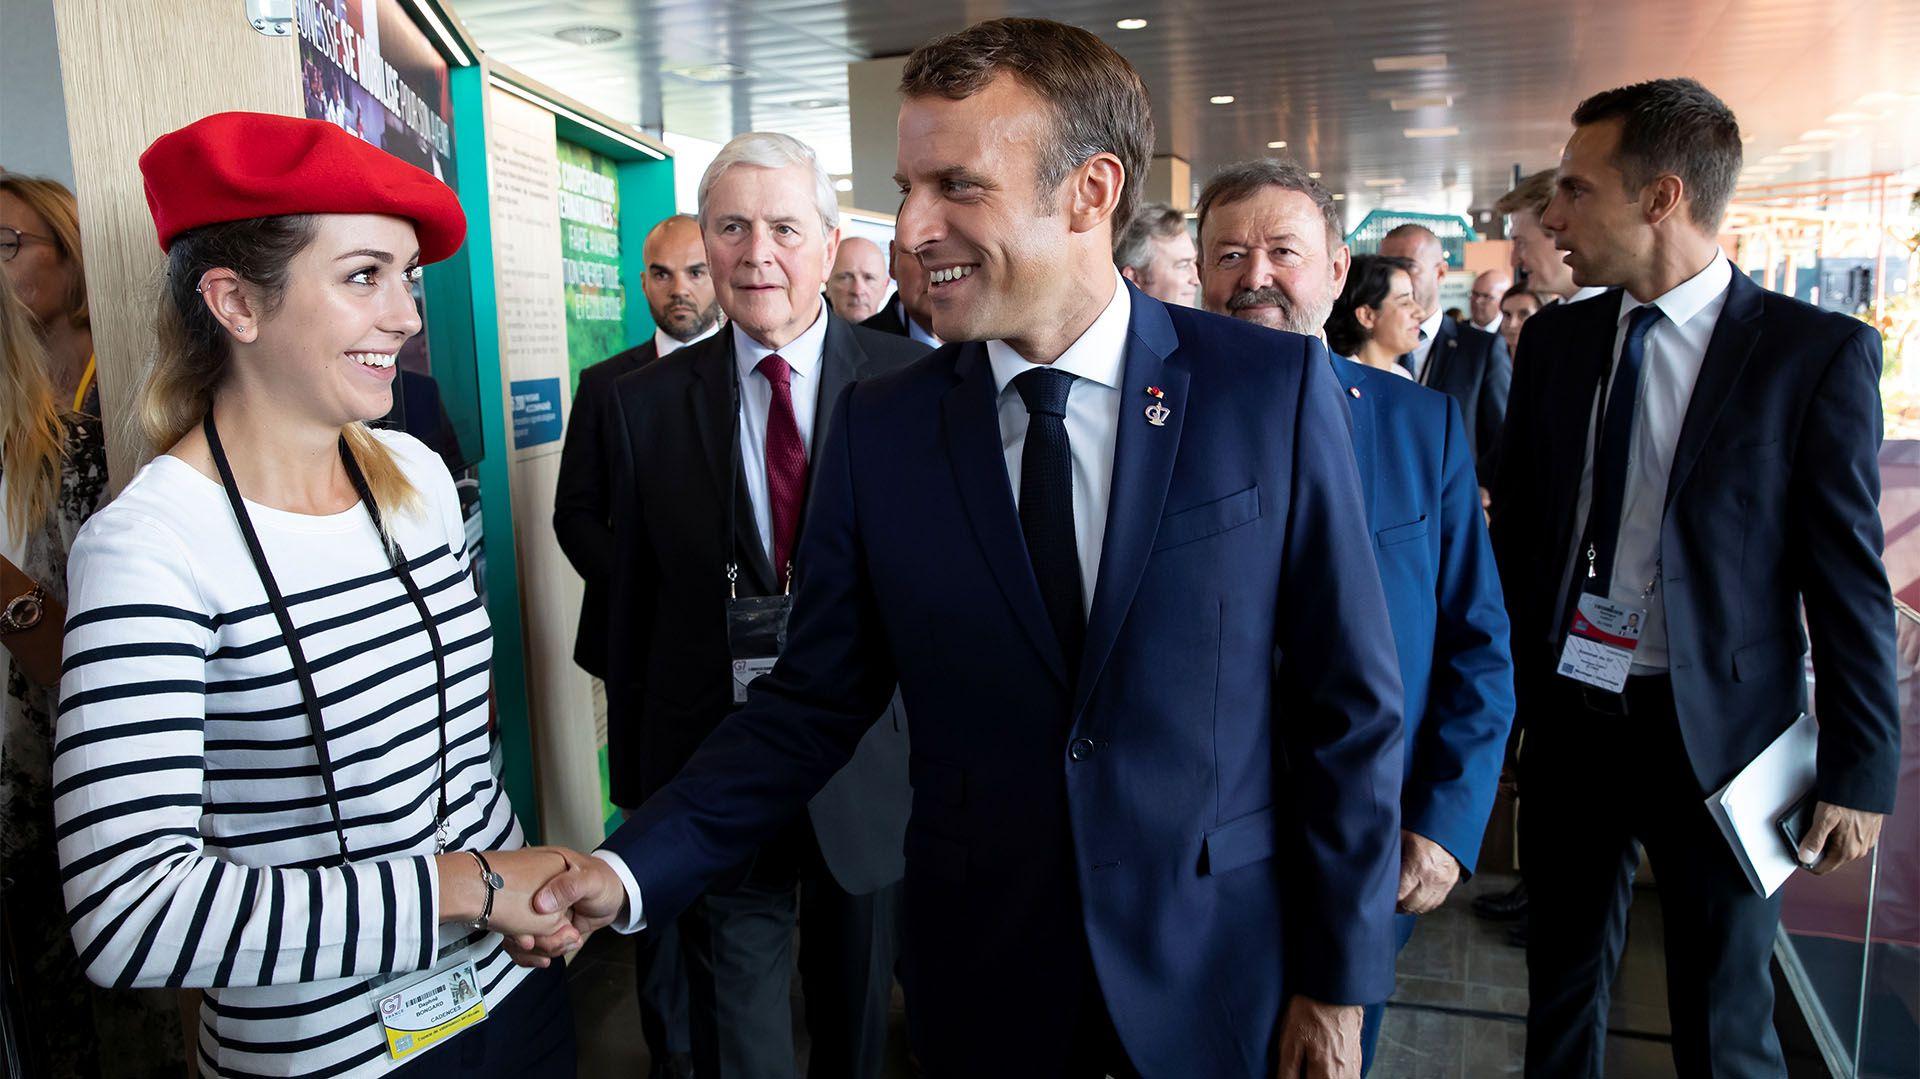 El presidente francés Emmanuel Macron en su llegada a la cumbre del G7 en Biarritz (Reuters)